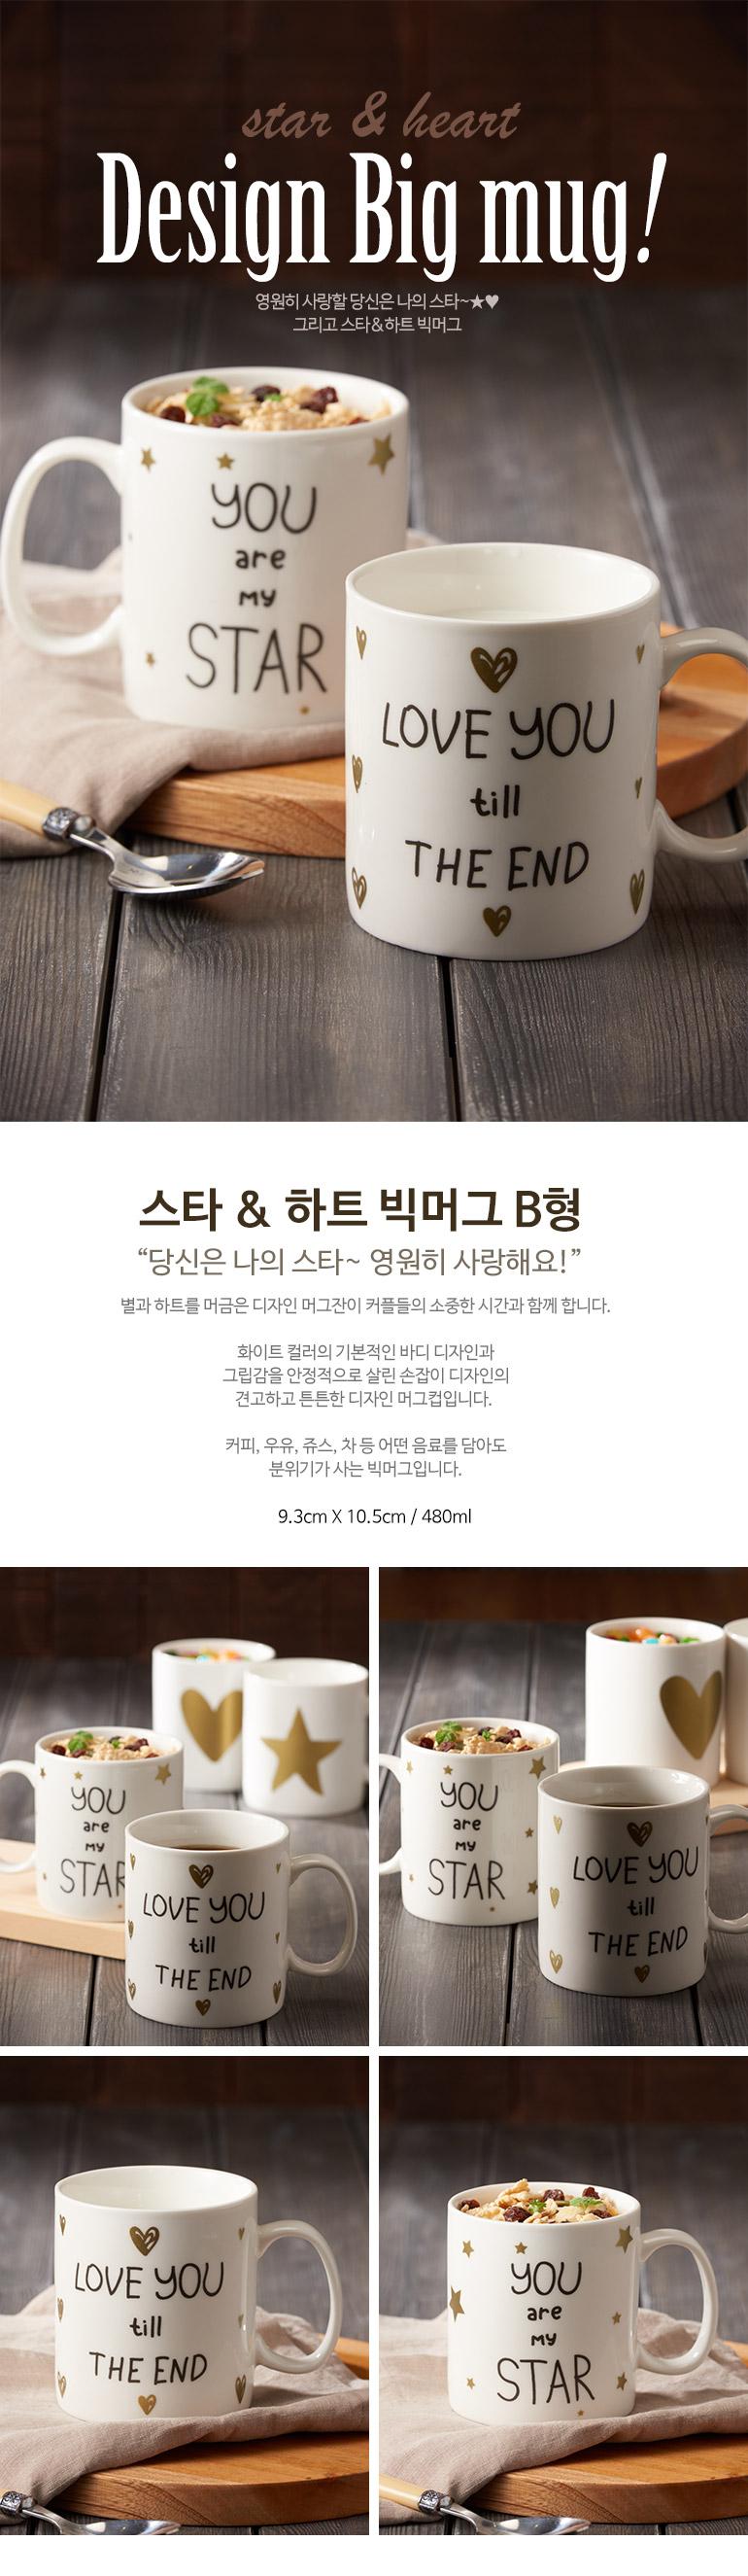 스타 하트 커플 빅머그 B형 세트 - 라씨에뜨, 11,000원, 머그컵, 커플머그